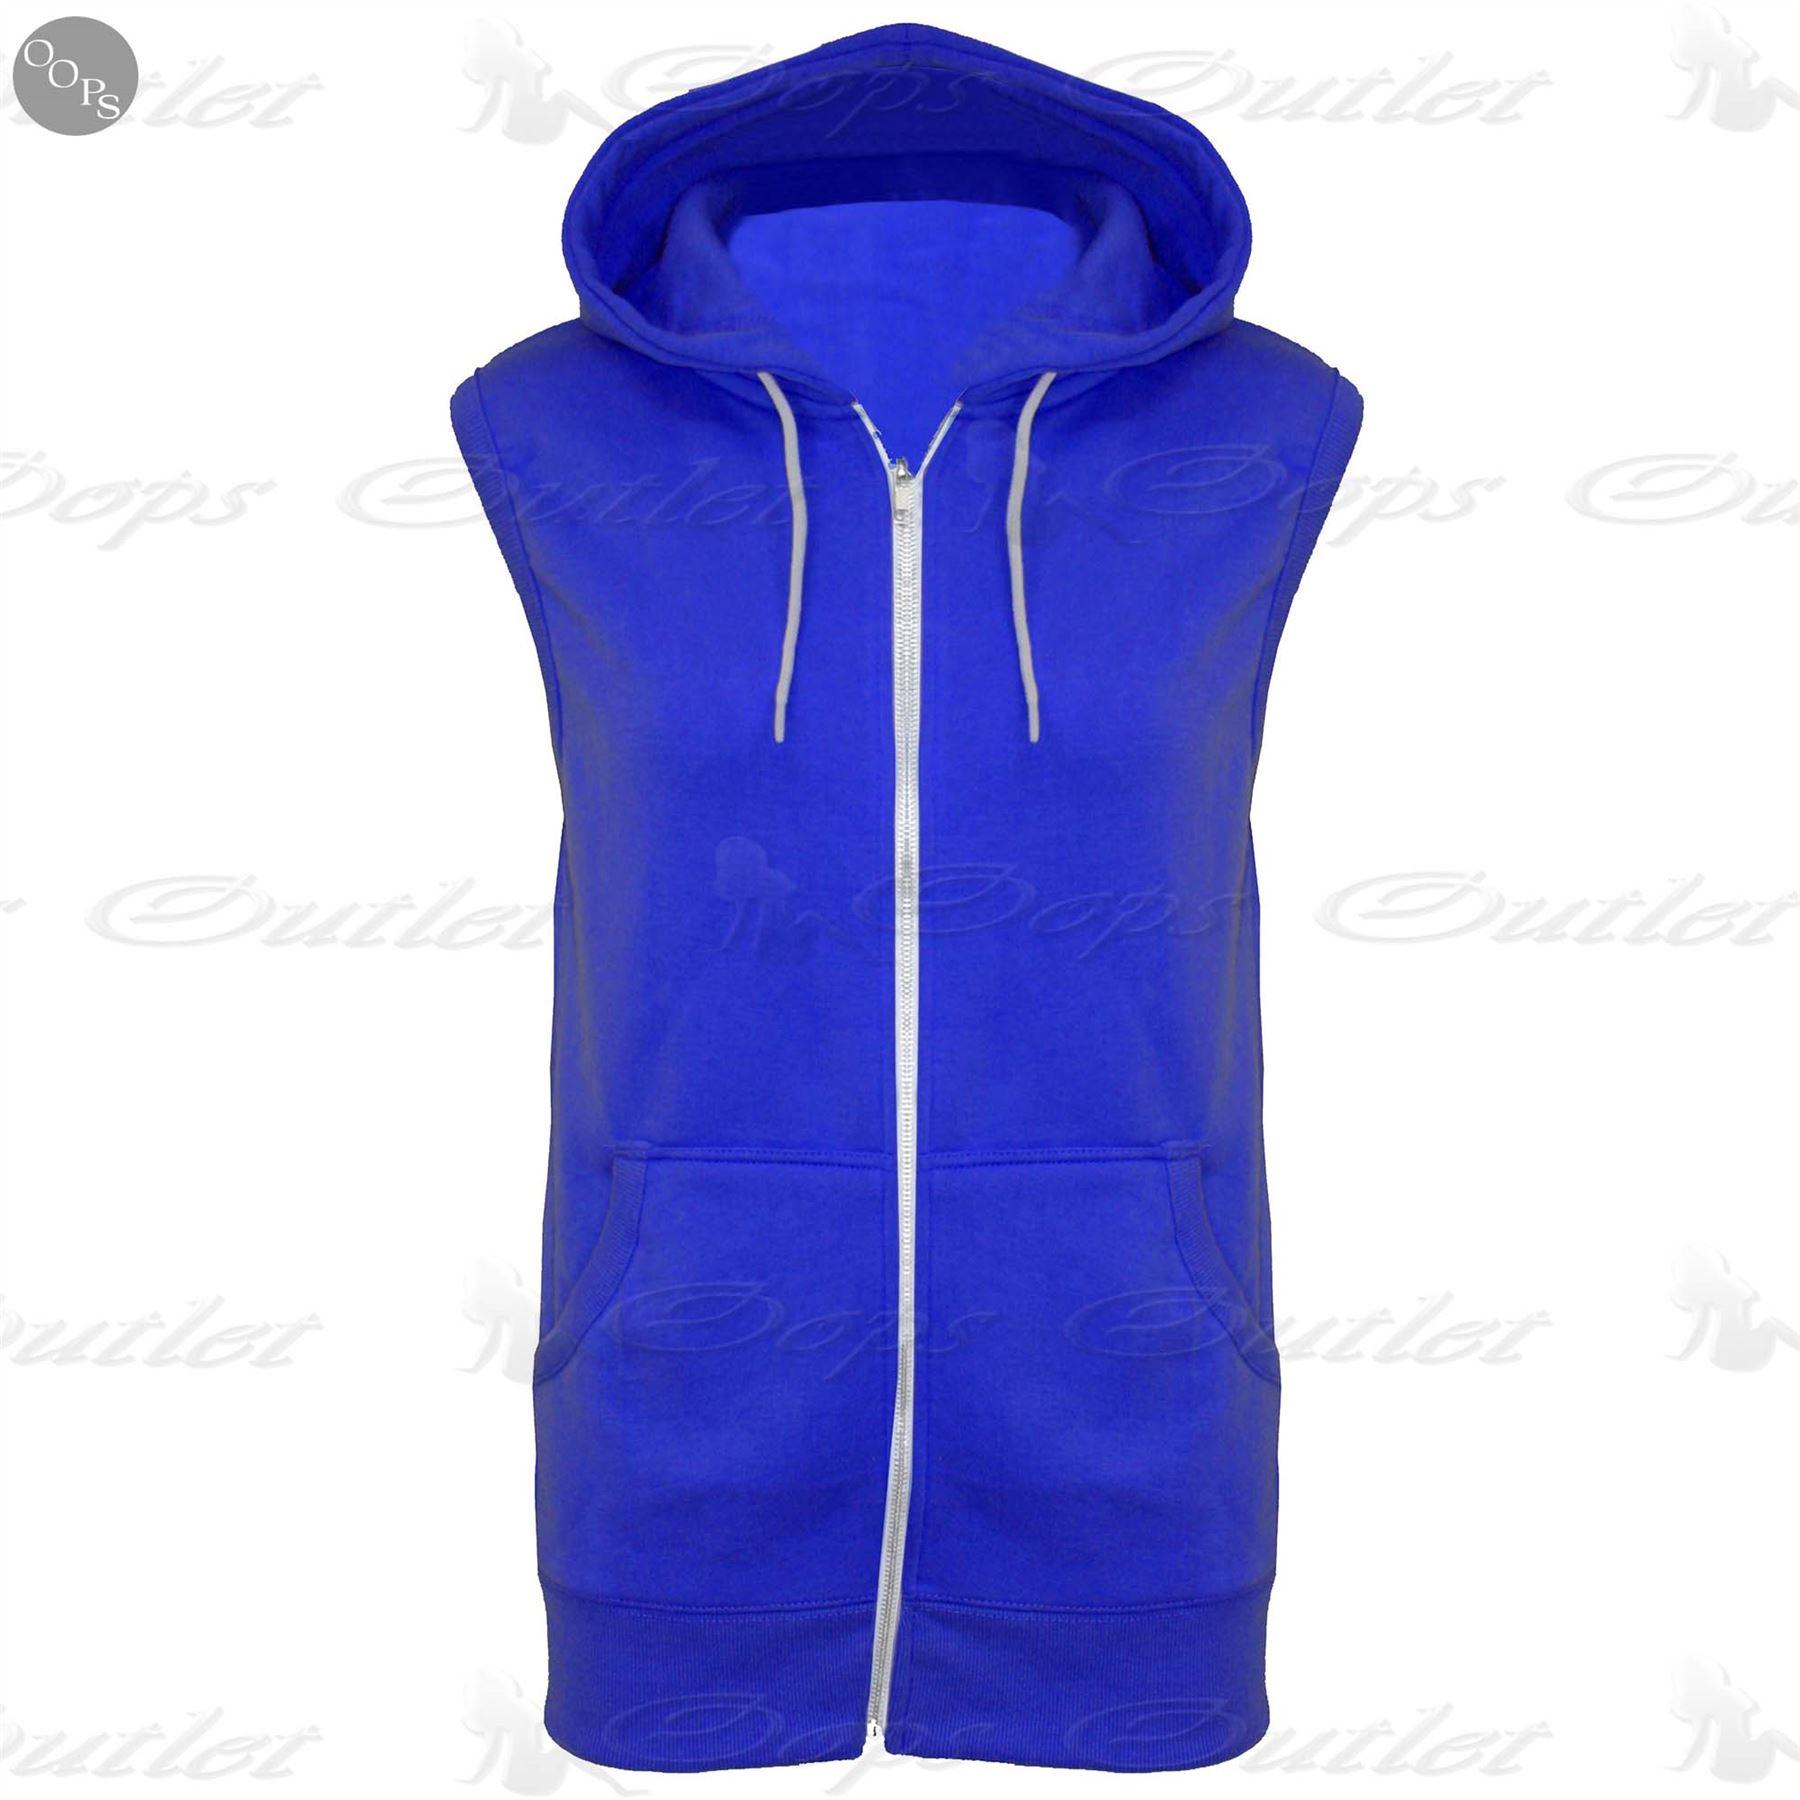 Kids Sleeveless Hooded Hoodie Casual Zipper Sweatshirt Gilet Jacket Jumper Top | EBay